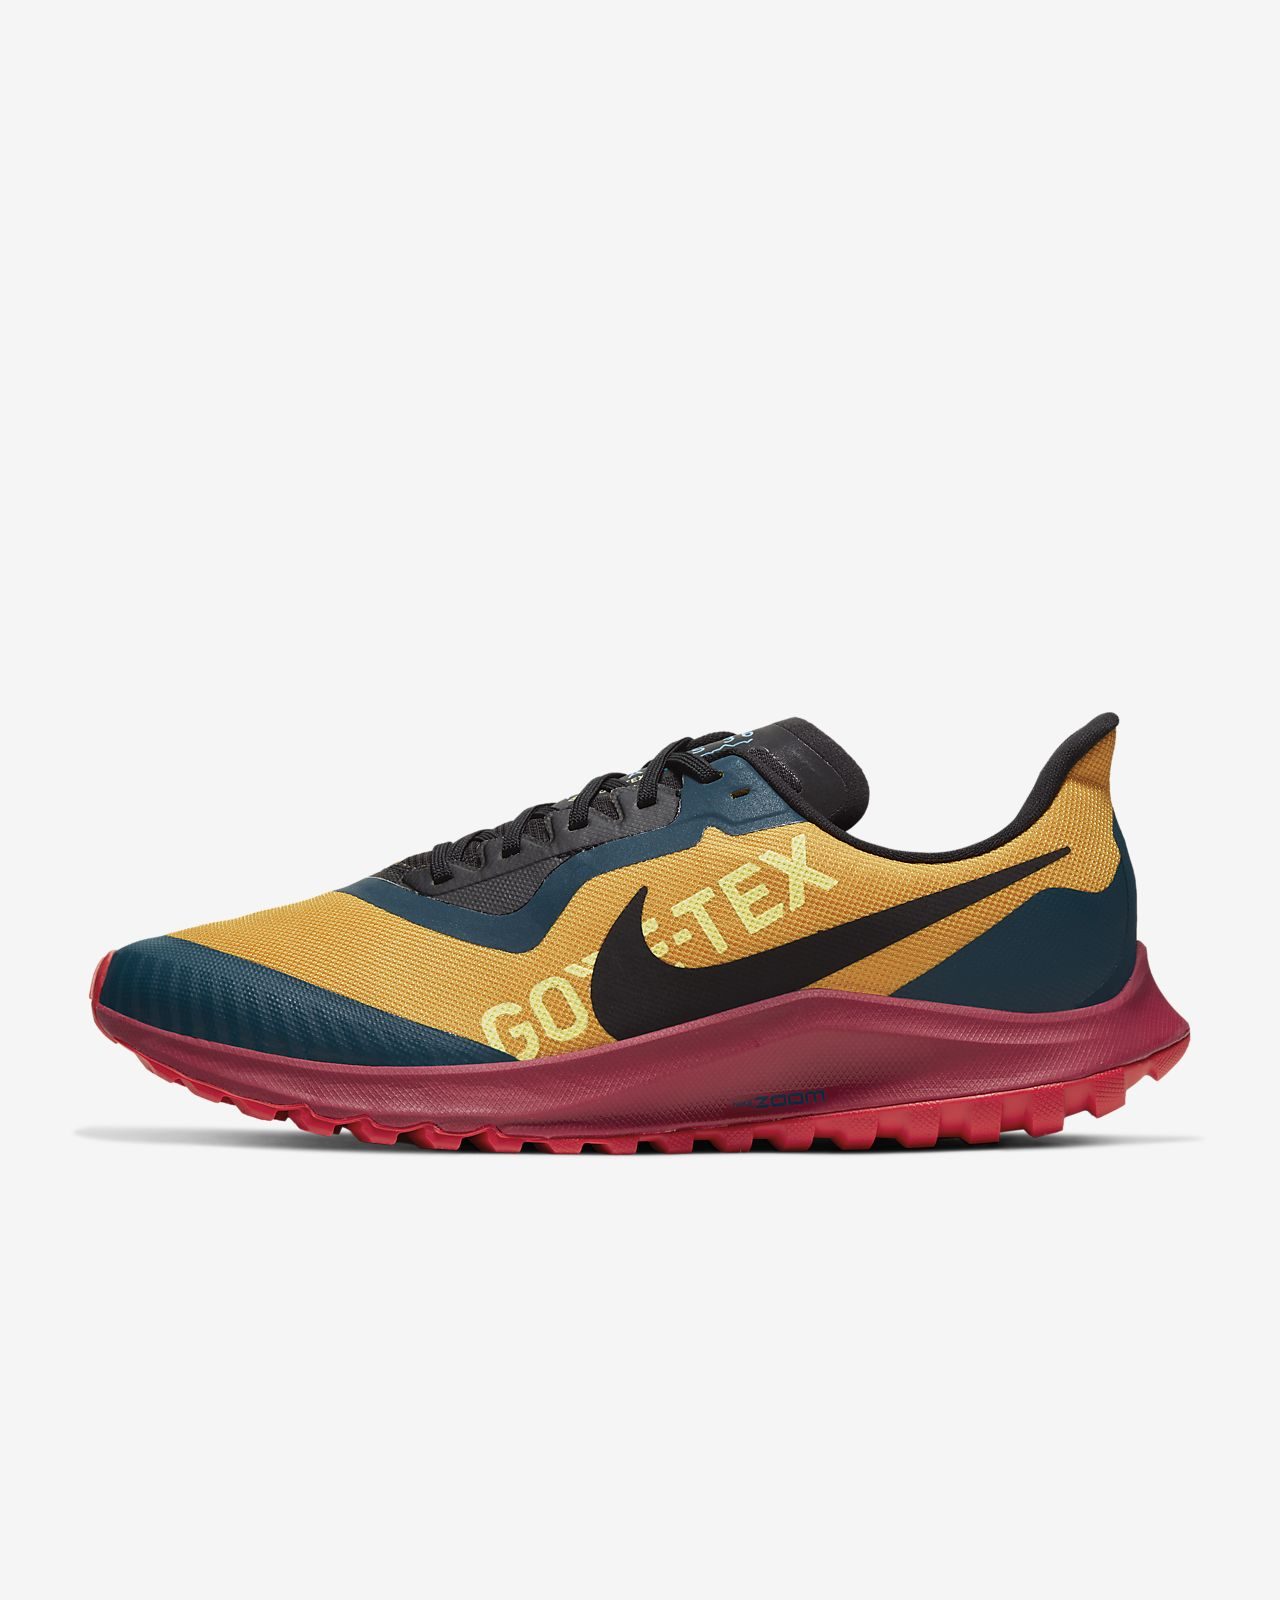 Παπούτσι για τρέξιμο σε ανώμαλο δρόμο Nike Air Zoom Pegasus 36 Trail GORE-TEX